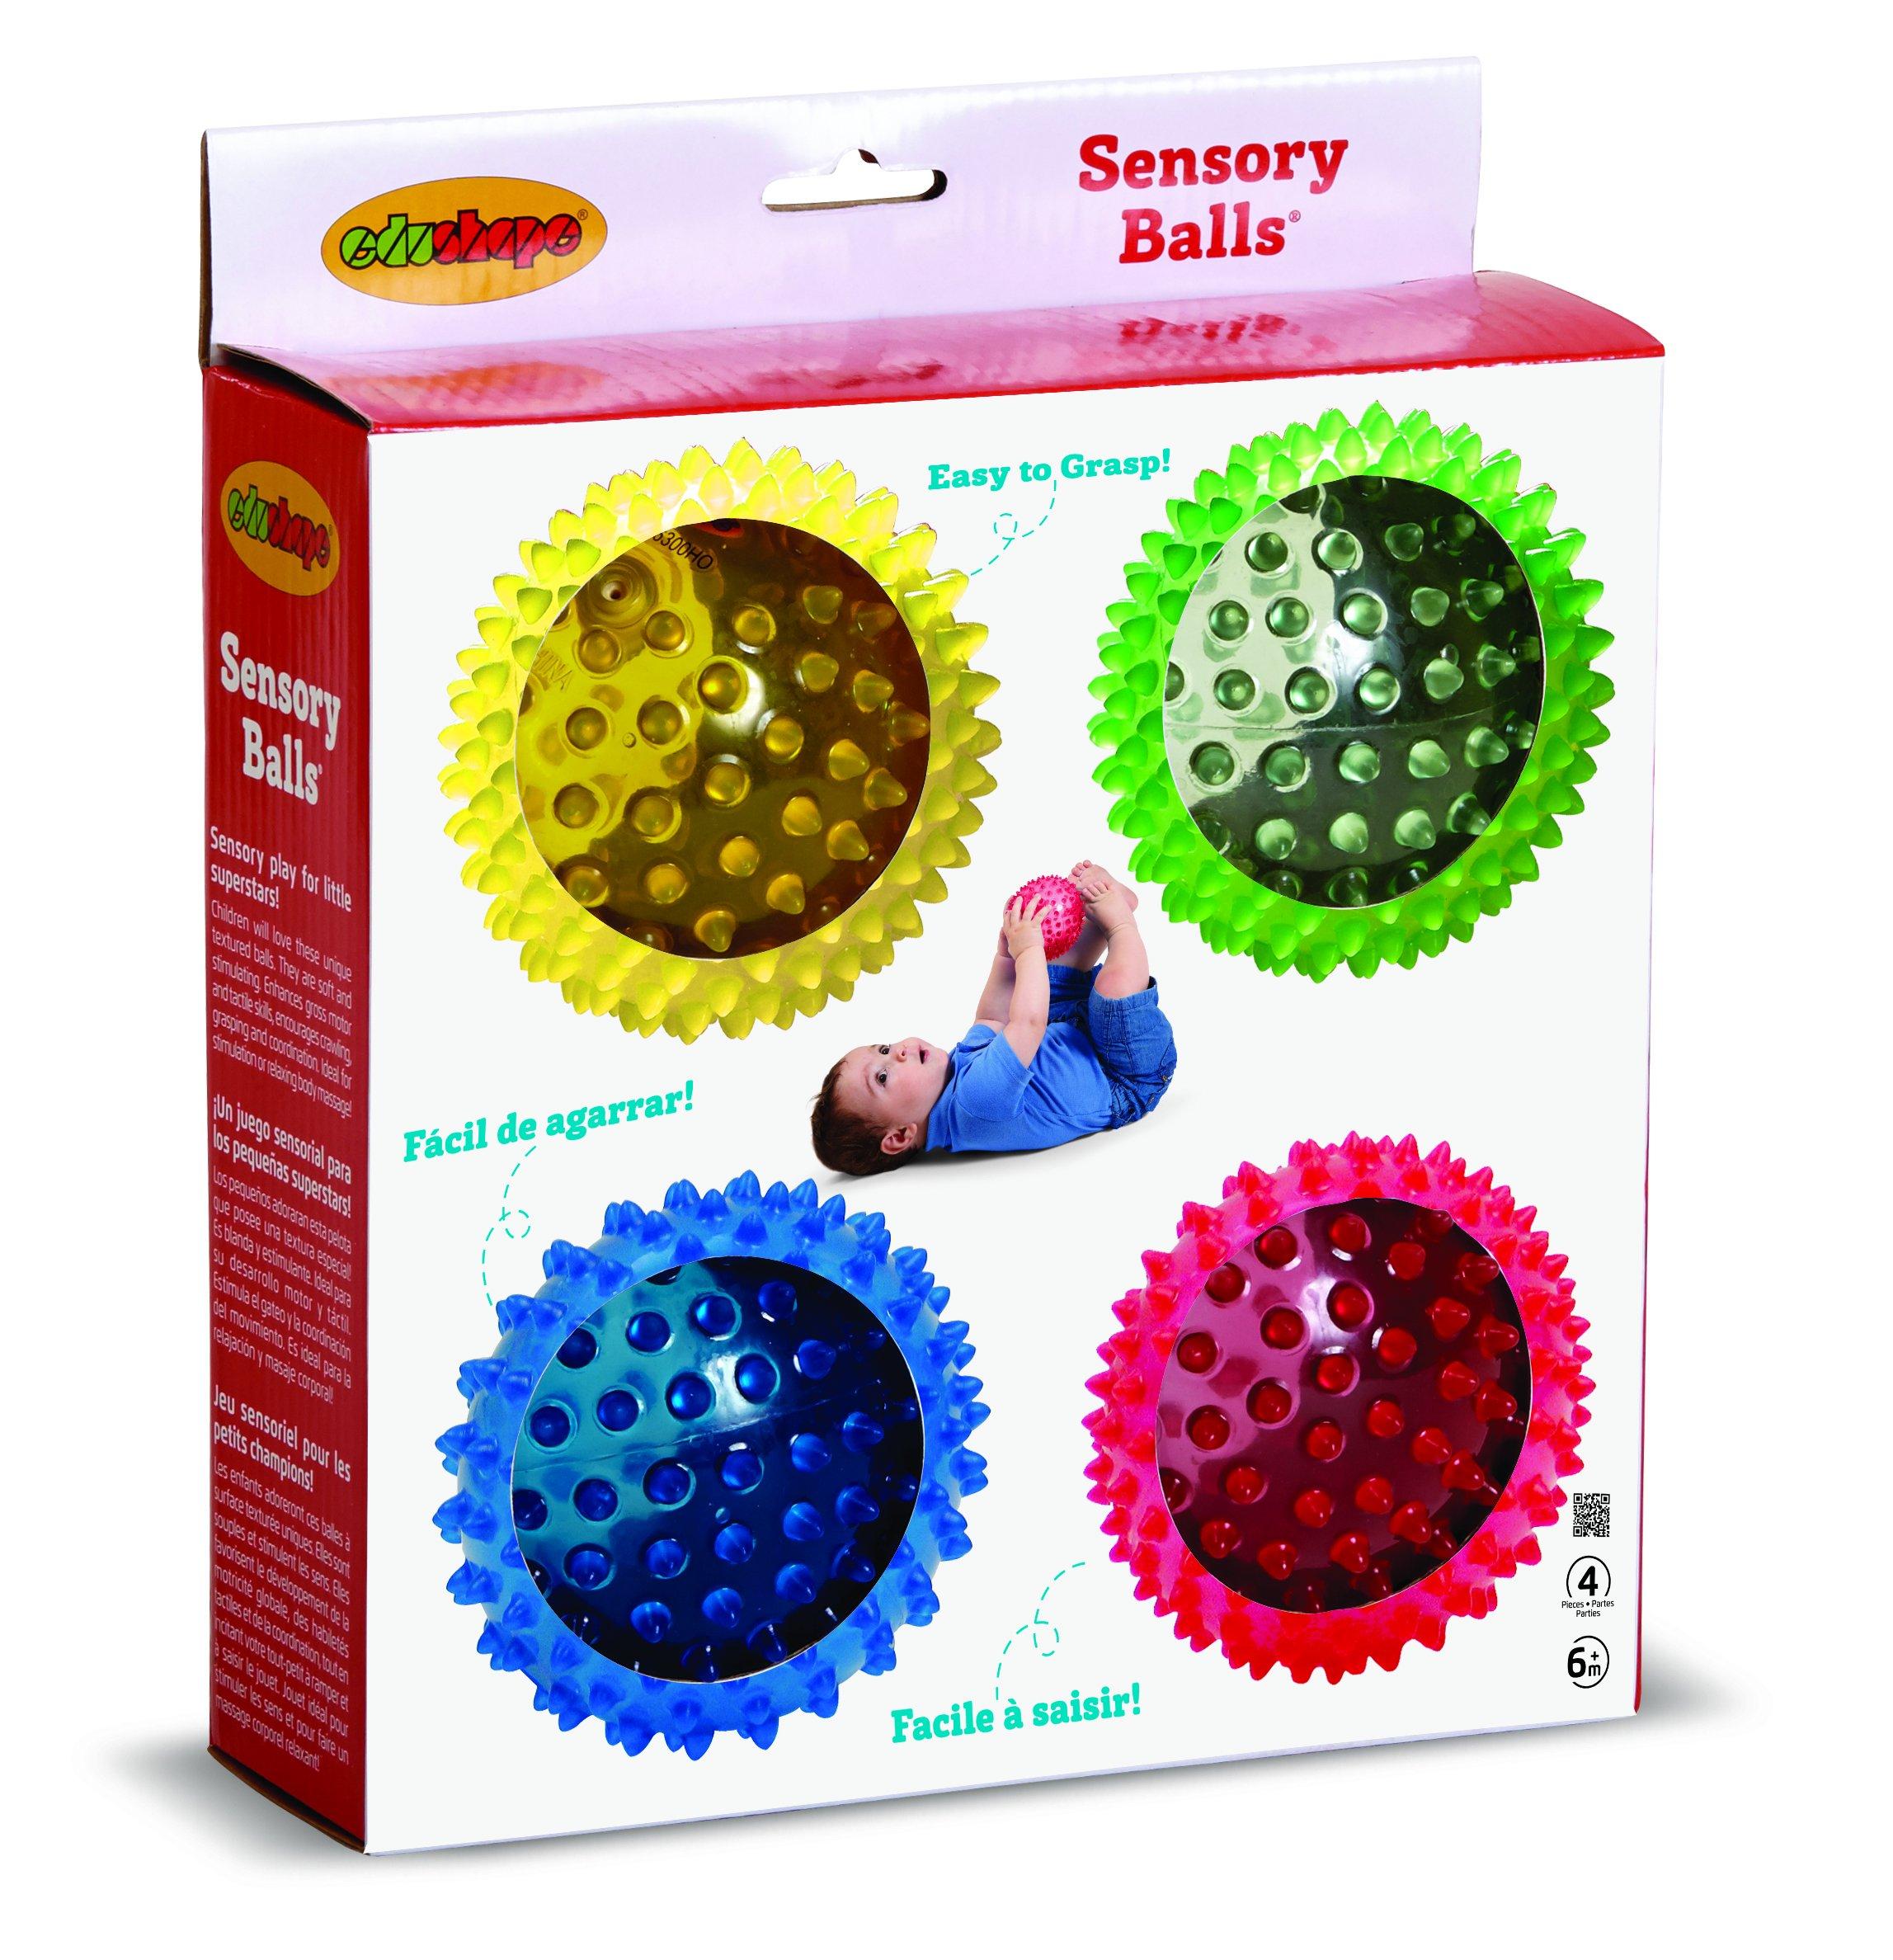 Edushape See-Me Sensory Balls, 4 Inch, Translucent, 4 Ball Set by Edushape